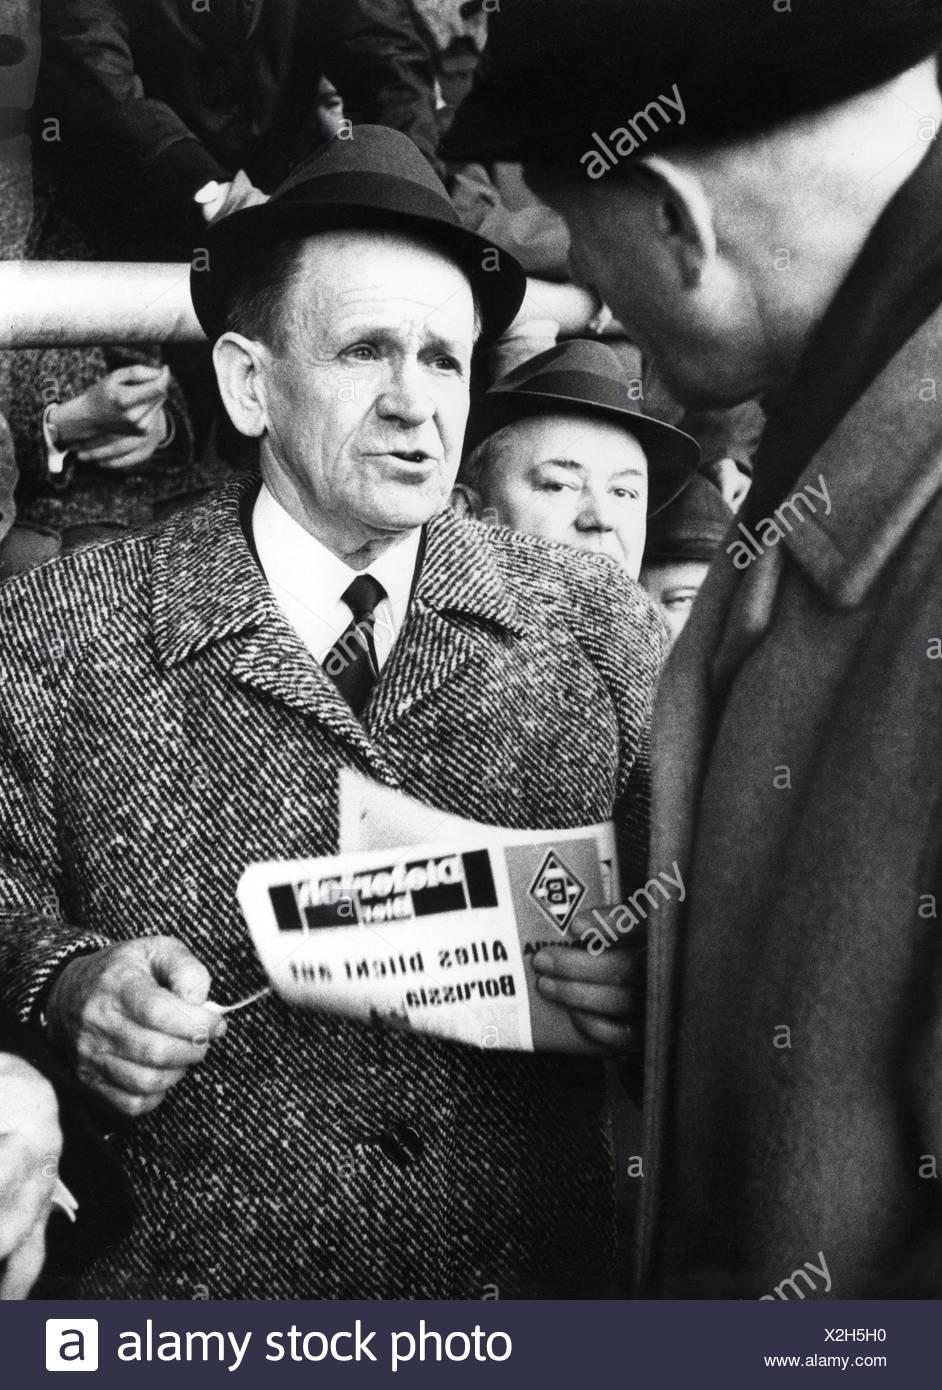 Herberger, Josef epp', 28.3.1897 - 28.4.1977, Deutscher Fußballspieler, auf das Spiel gegen Borussia Mönchengladbach 1. FC Nürnberg, 10.2.1968, Additional-Rights-Spiel-NA Stockbild